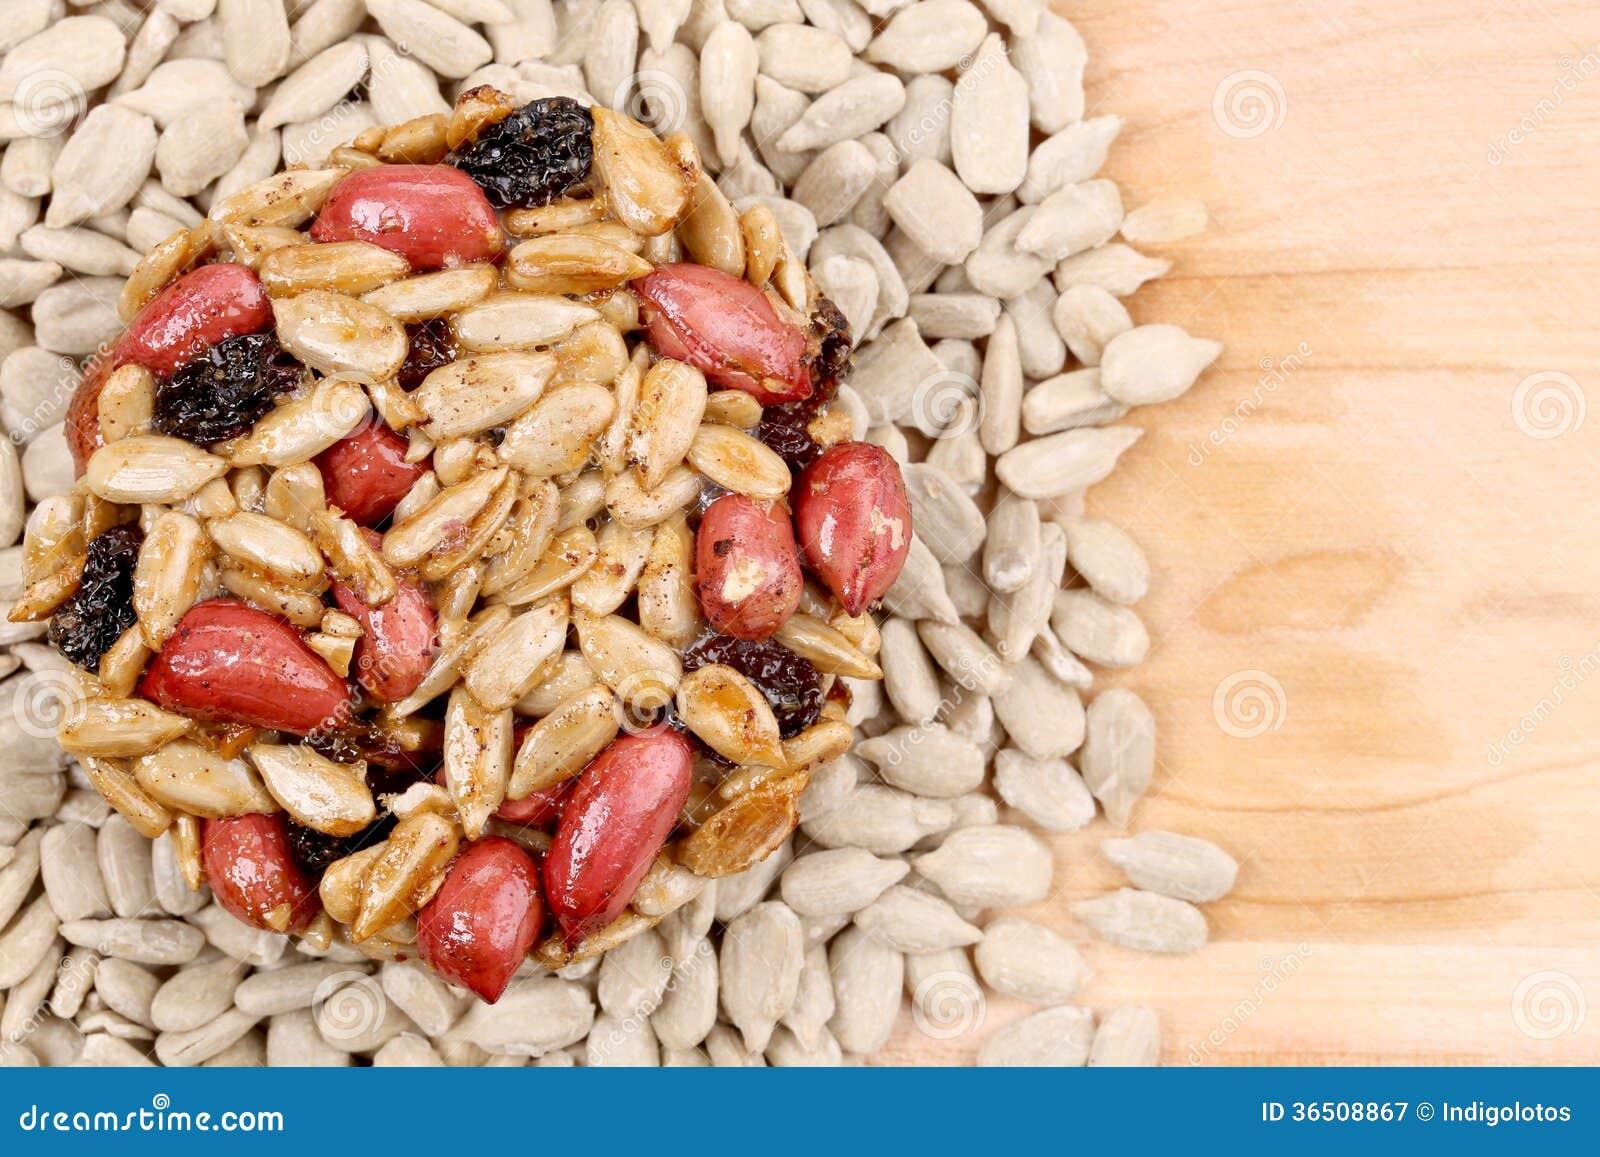 Semillas y nueces escarchadas redondas.